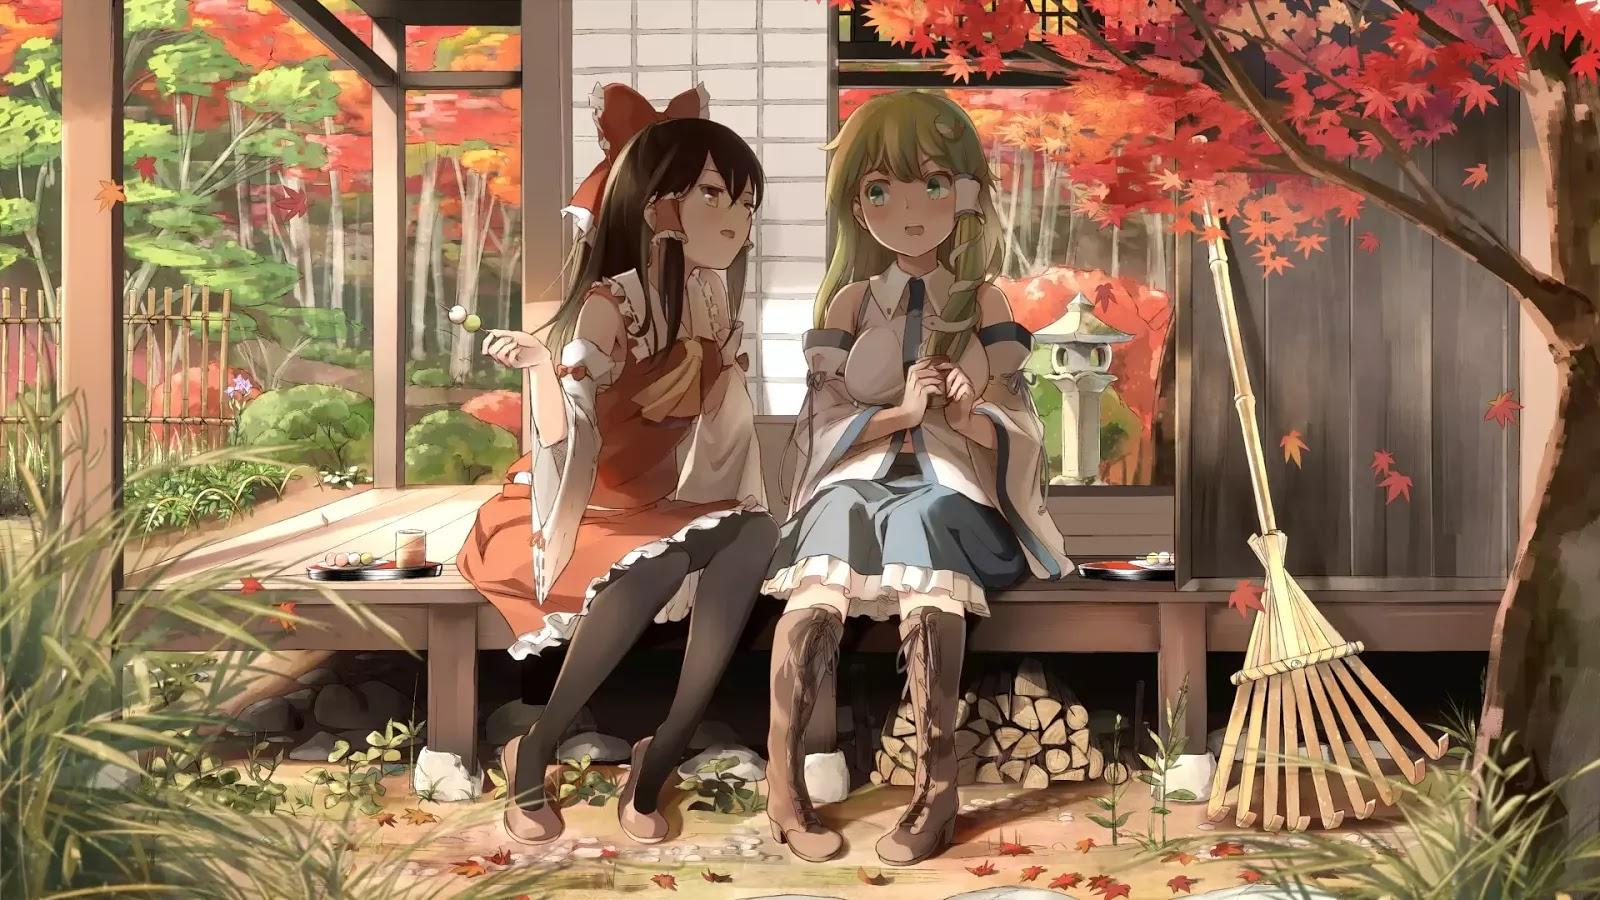 AowVN%2B%252840%2529 - [ Hình Nền ] Loli cực đẹp , cực độc Full HD | Anime Wallpaper